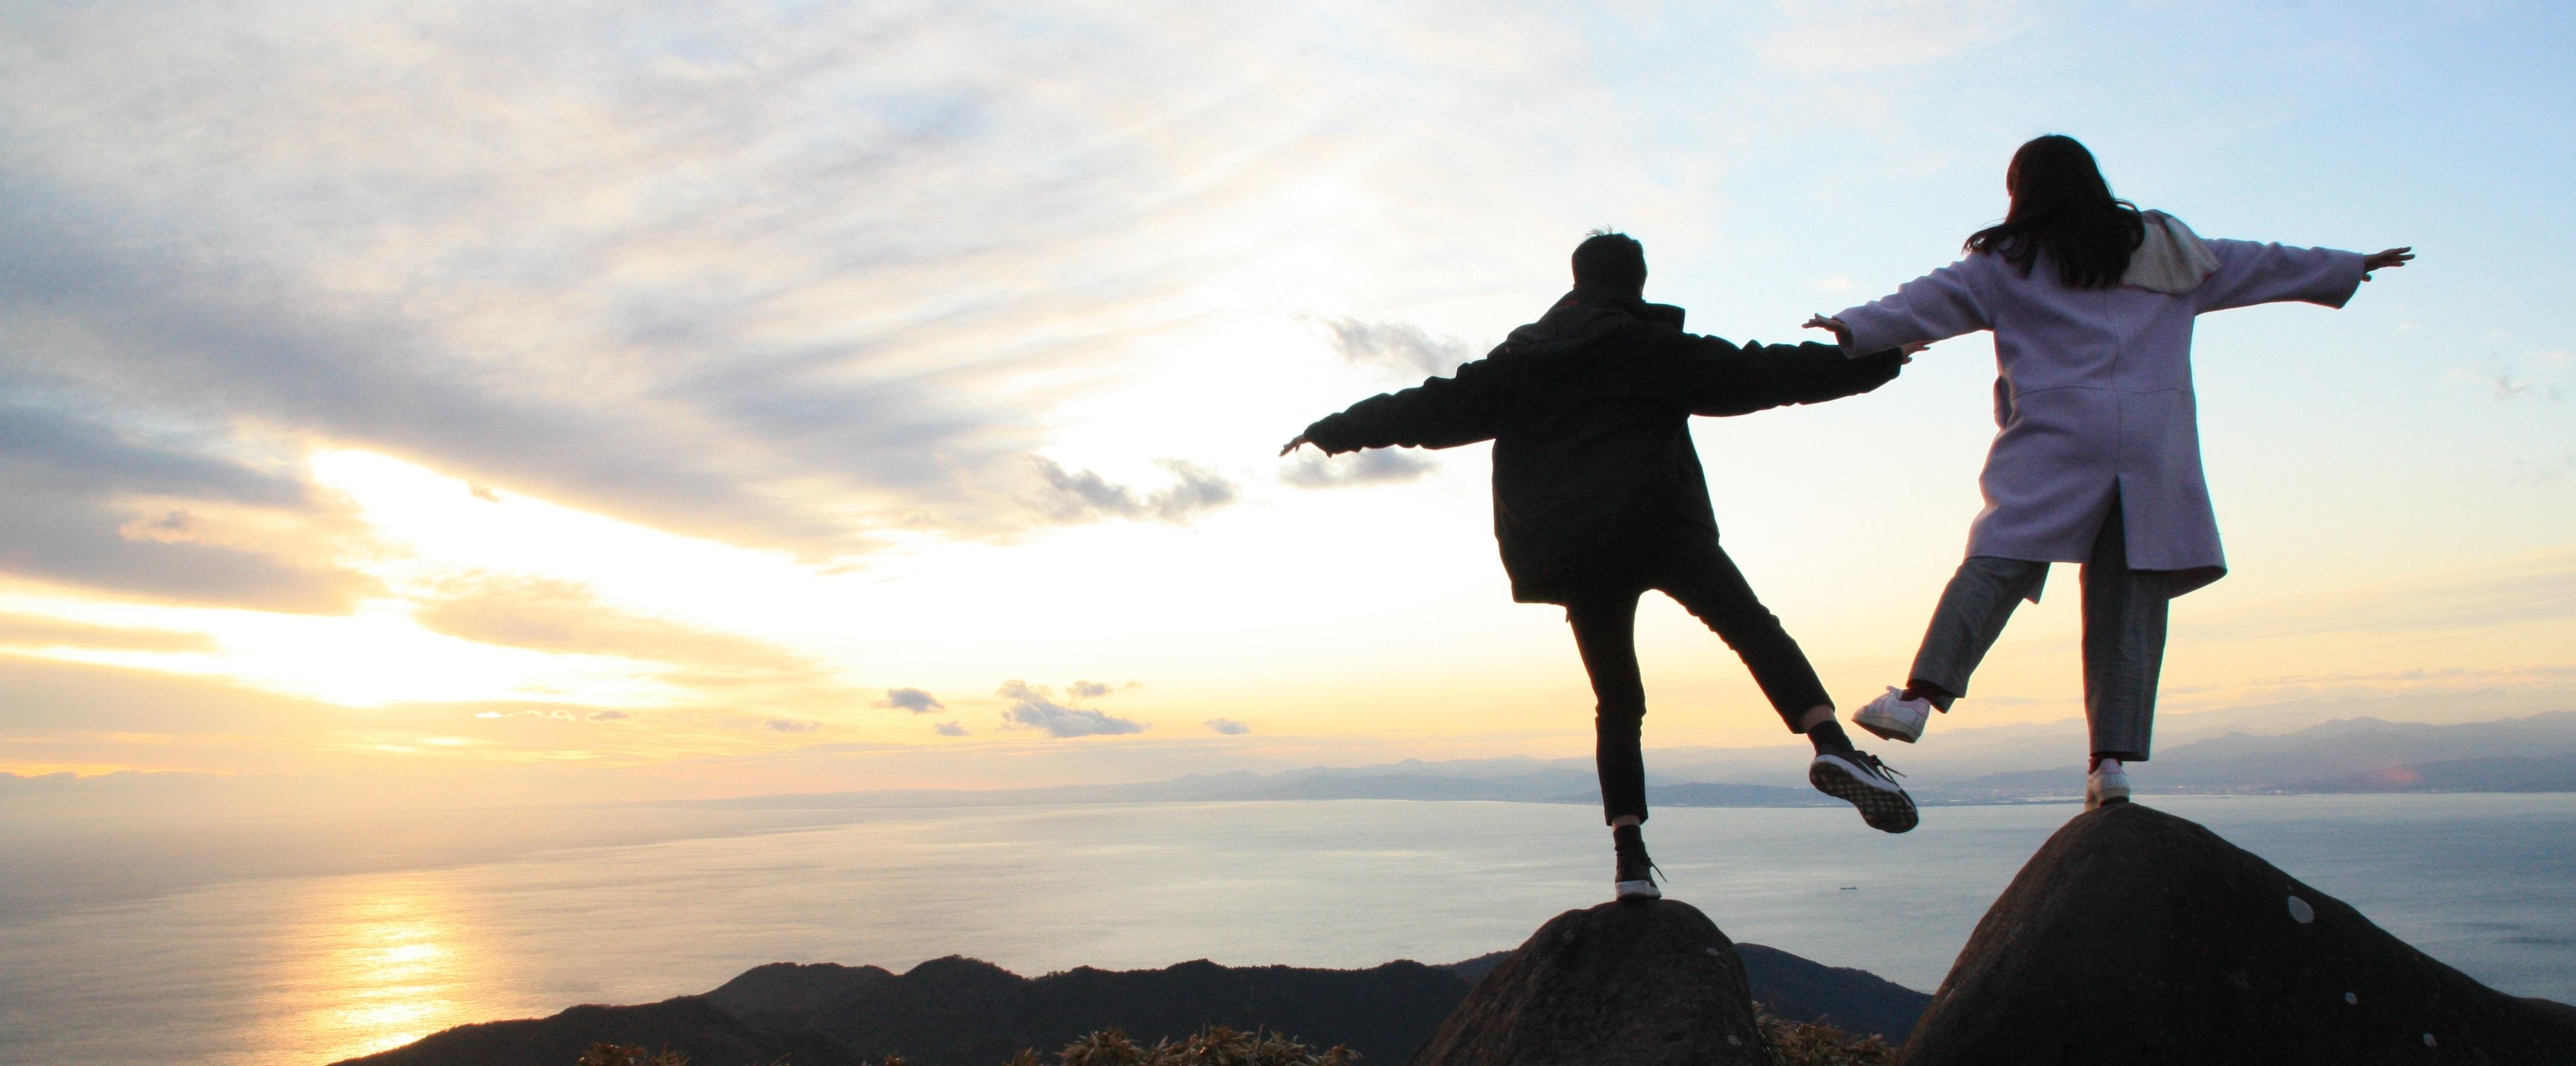 Meine Freundin und ich balancieren jeweils auf einem Stein und schauen den Sonnenuntergang über dem Meereshorizont an..